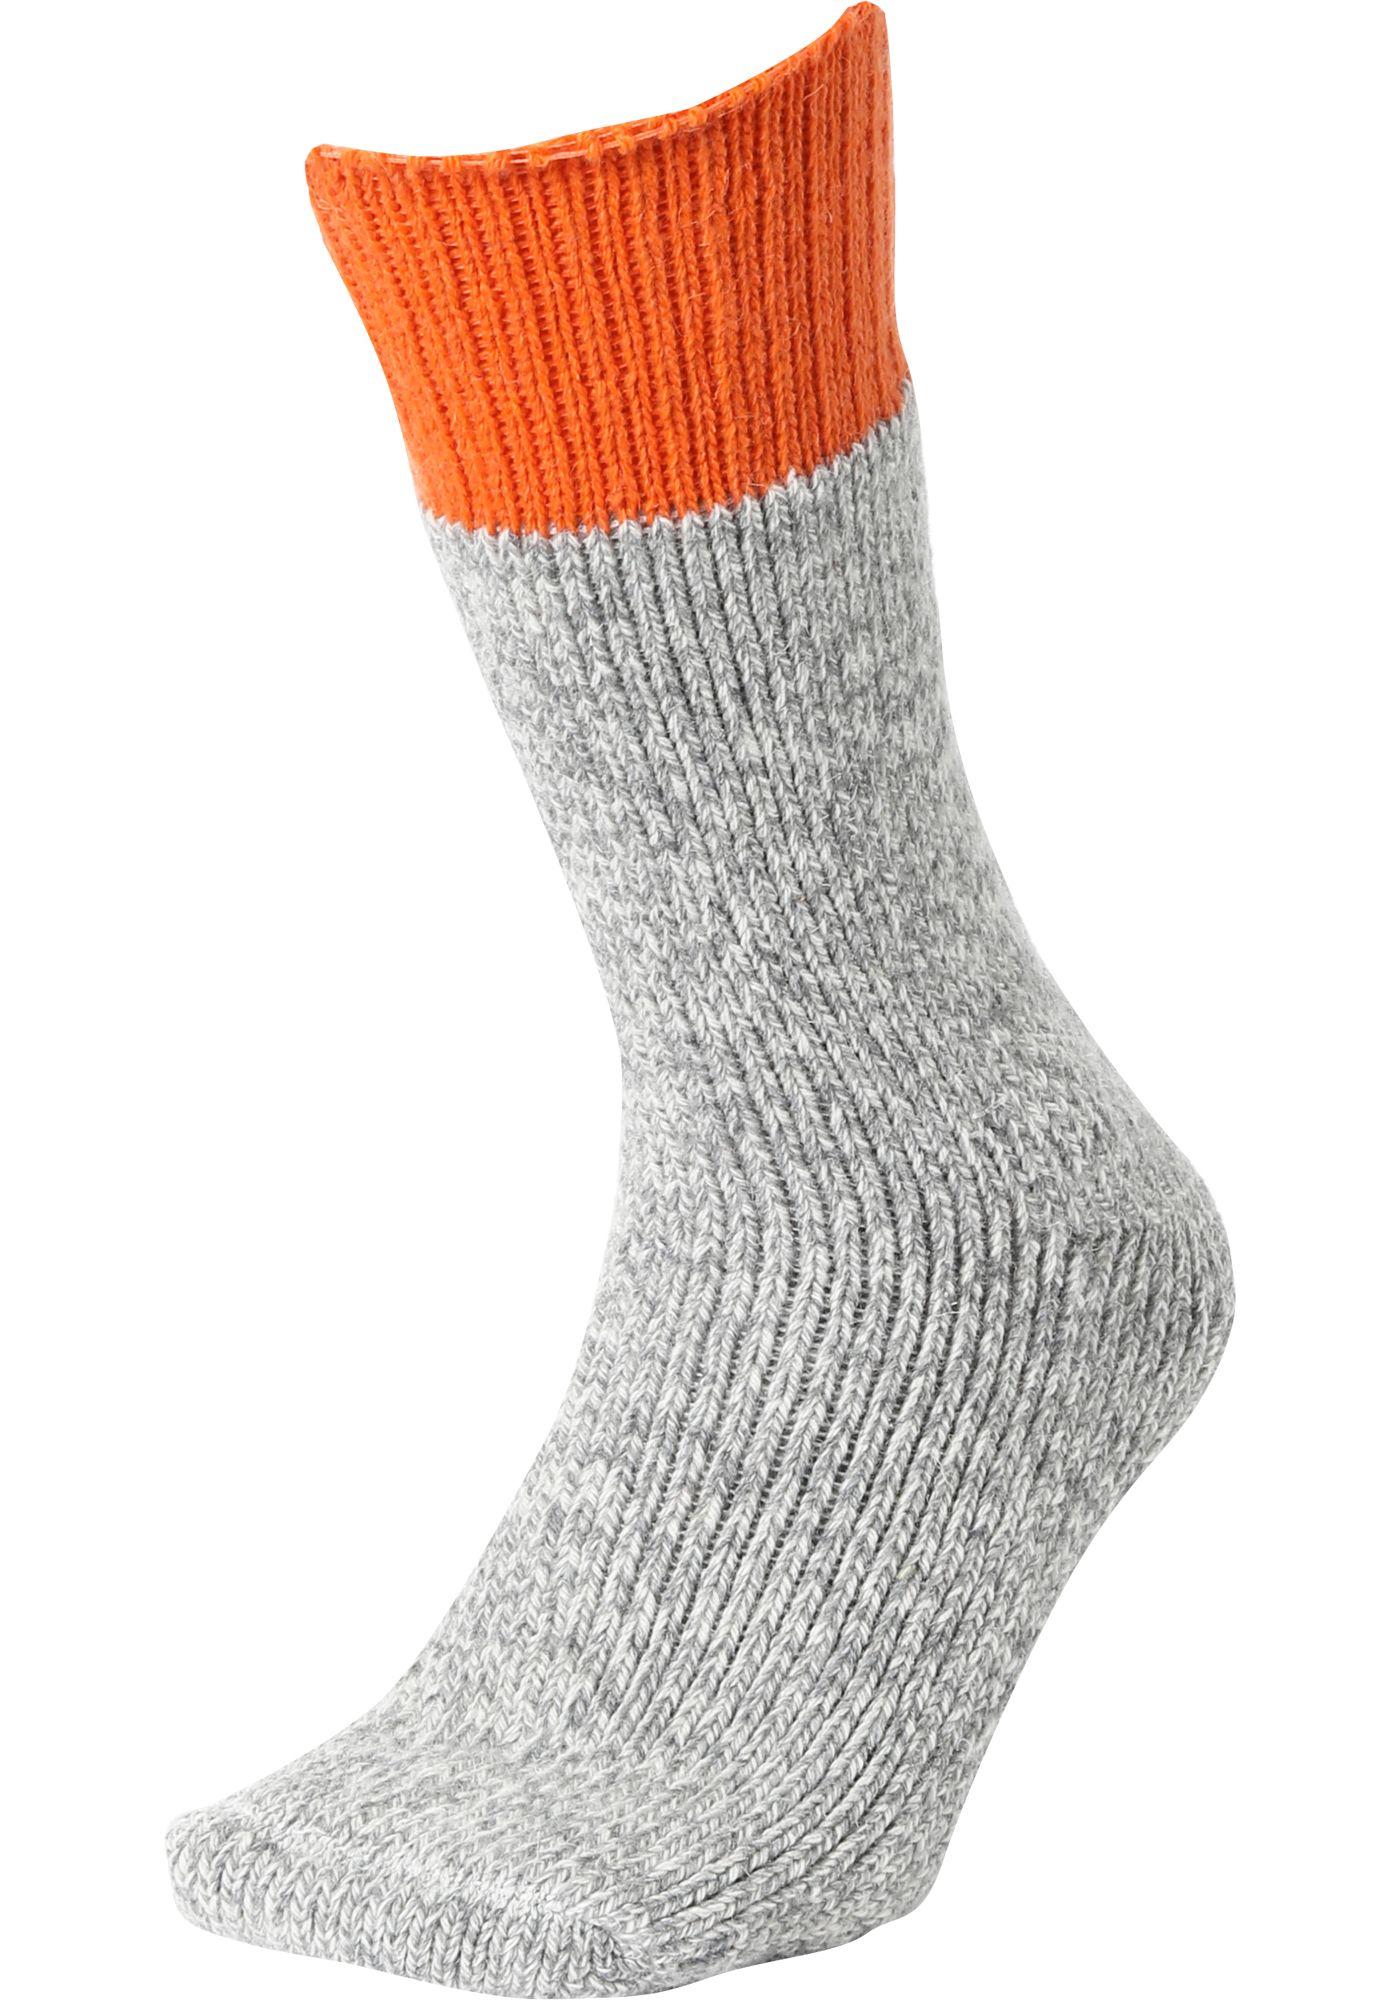 Field & Stream Premium Wool Boot Socks